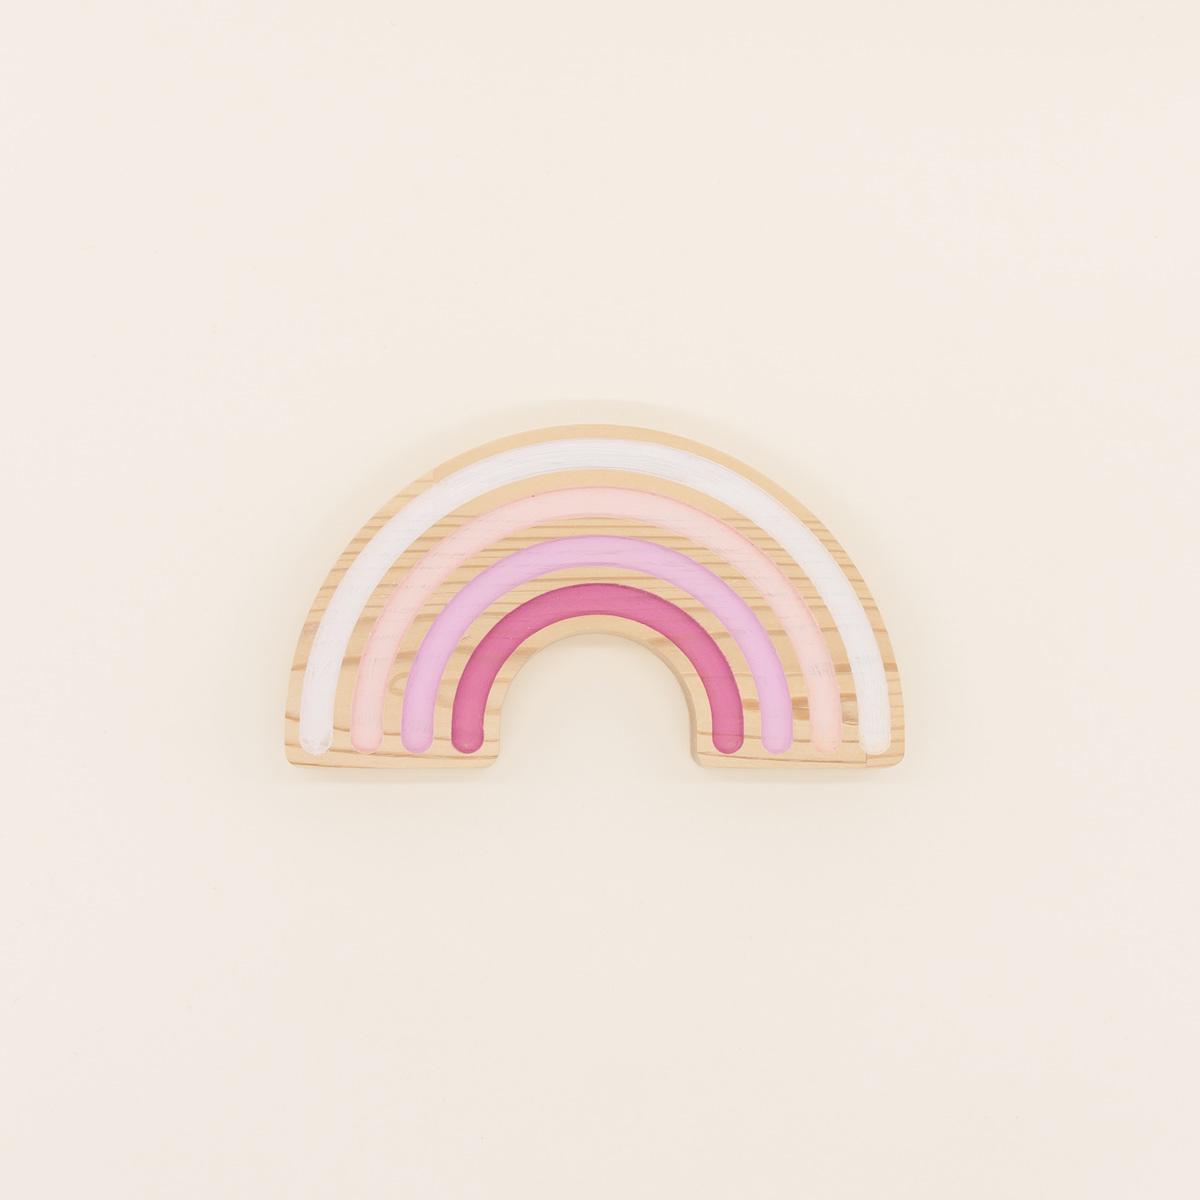 Arcoíris Canastilla Rainbow The Little Revolution Mordedor Canastilla Rainbow The Little Revolution Multicolor Rosa